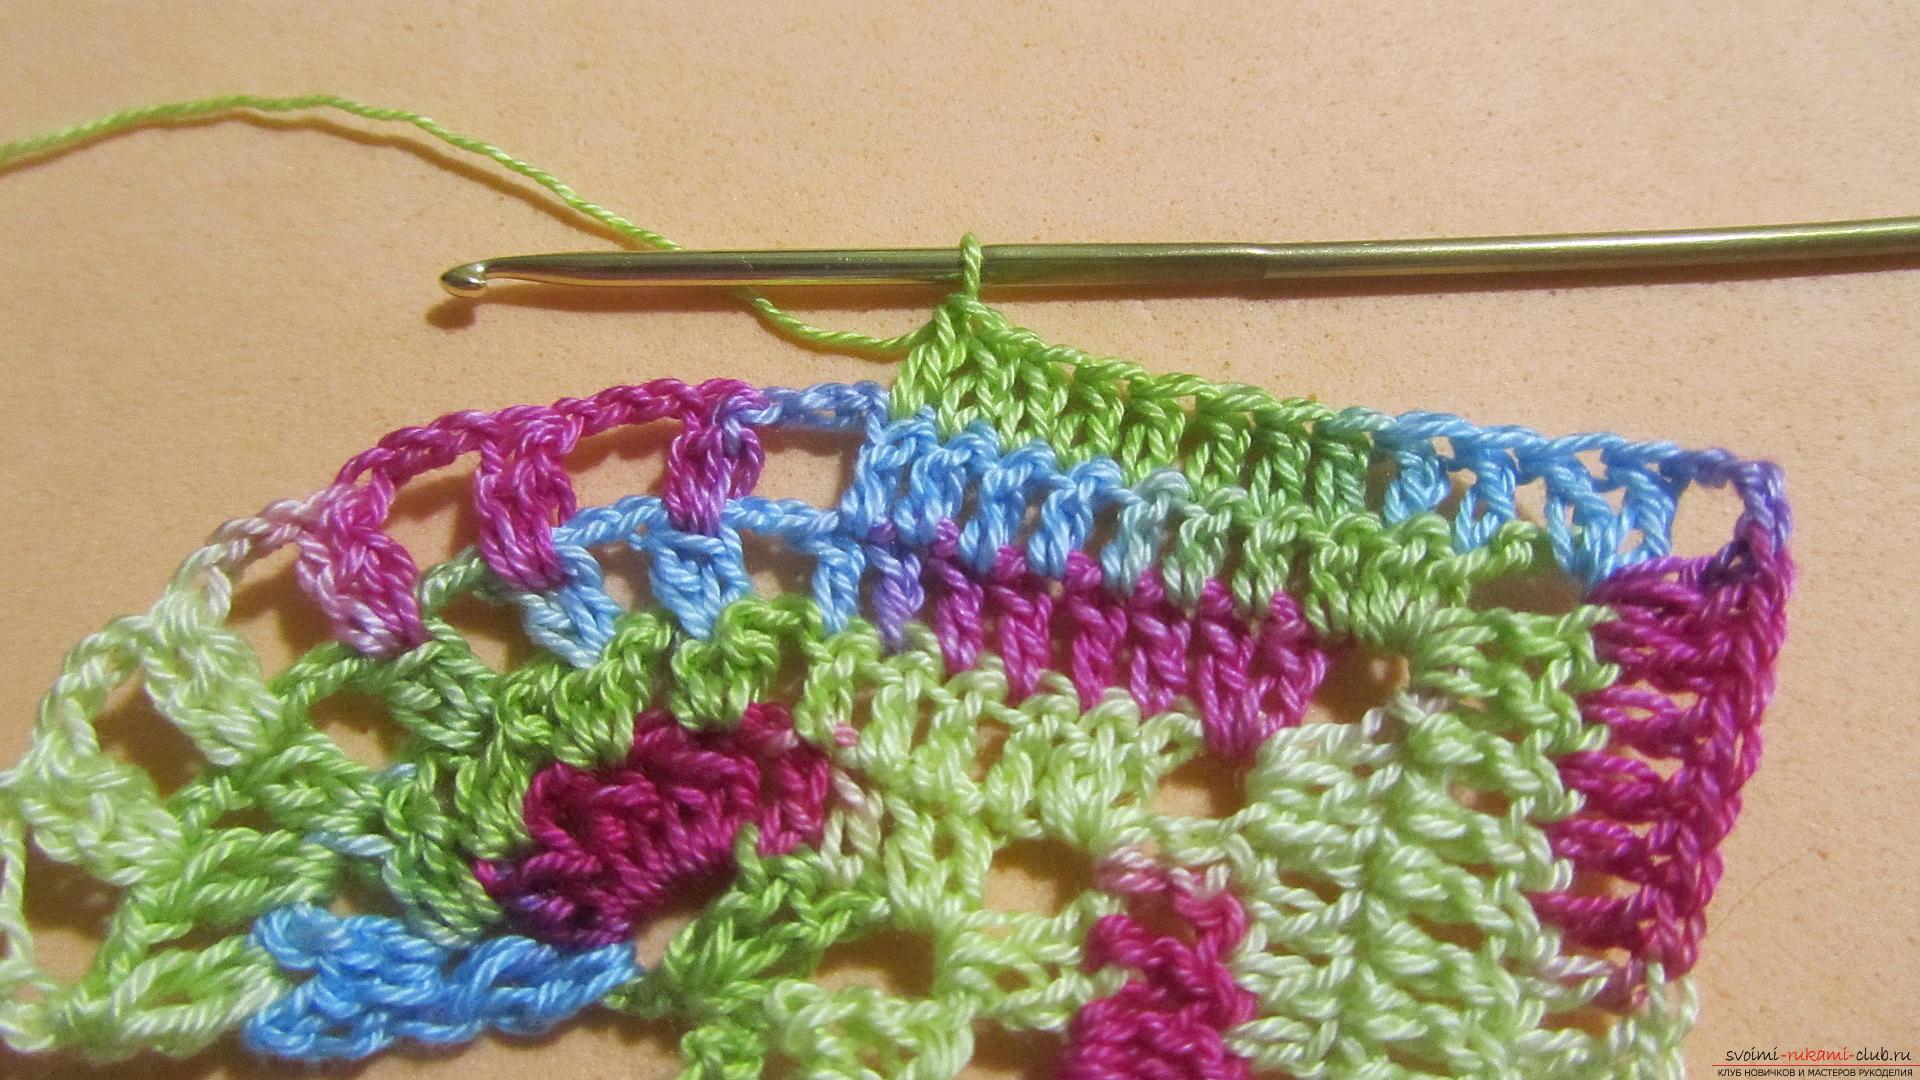 Этот мастер-класс со схемой и описанием вязания крючком научит вязать кружево с сердечками.. Фото №32